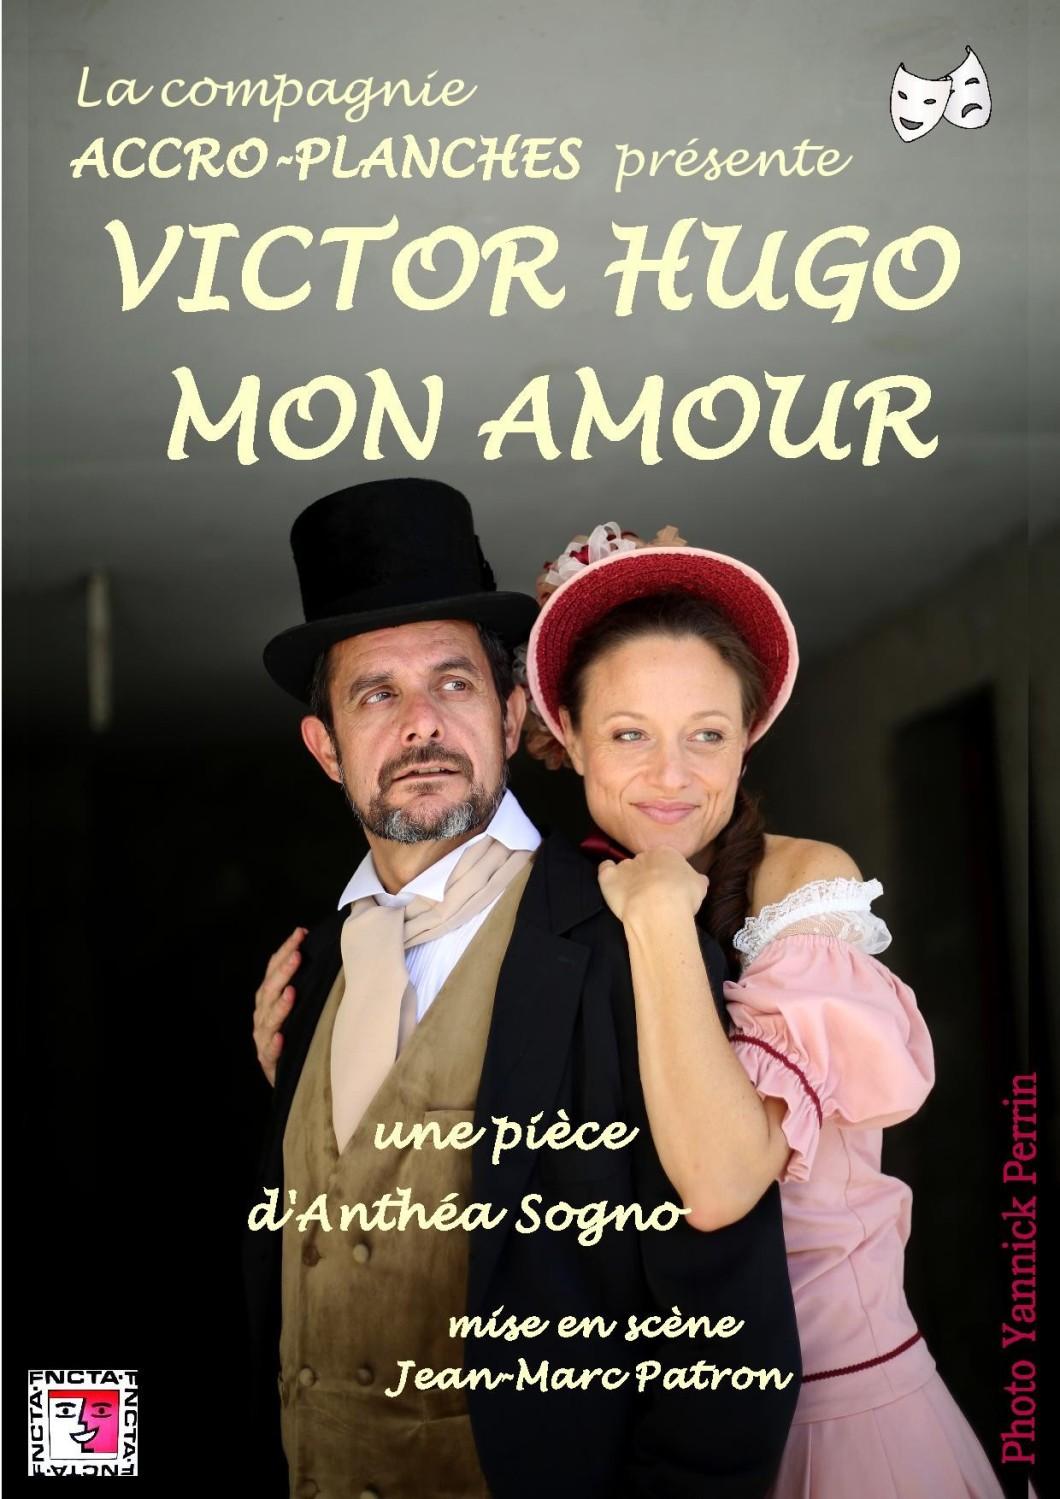 Victor Hugo-Affiche 20 11 18